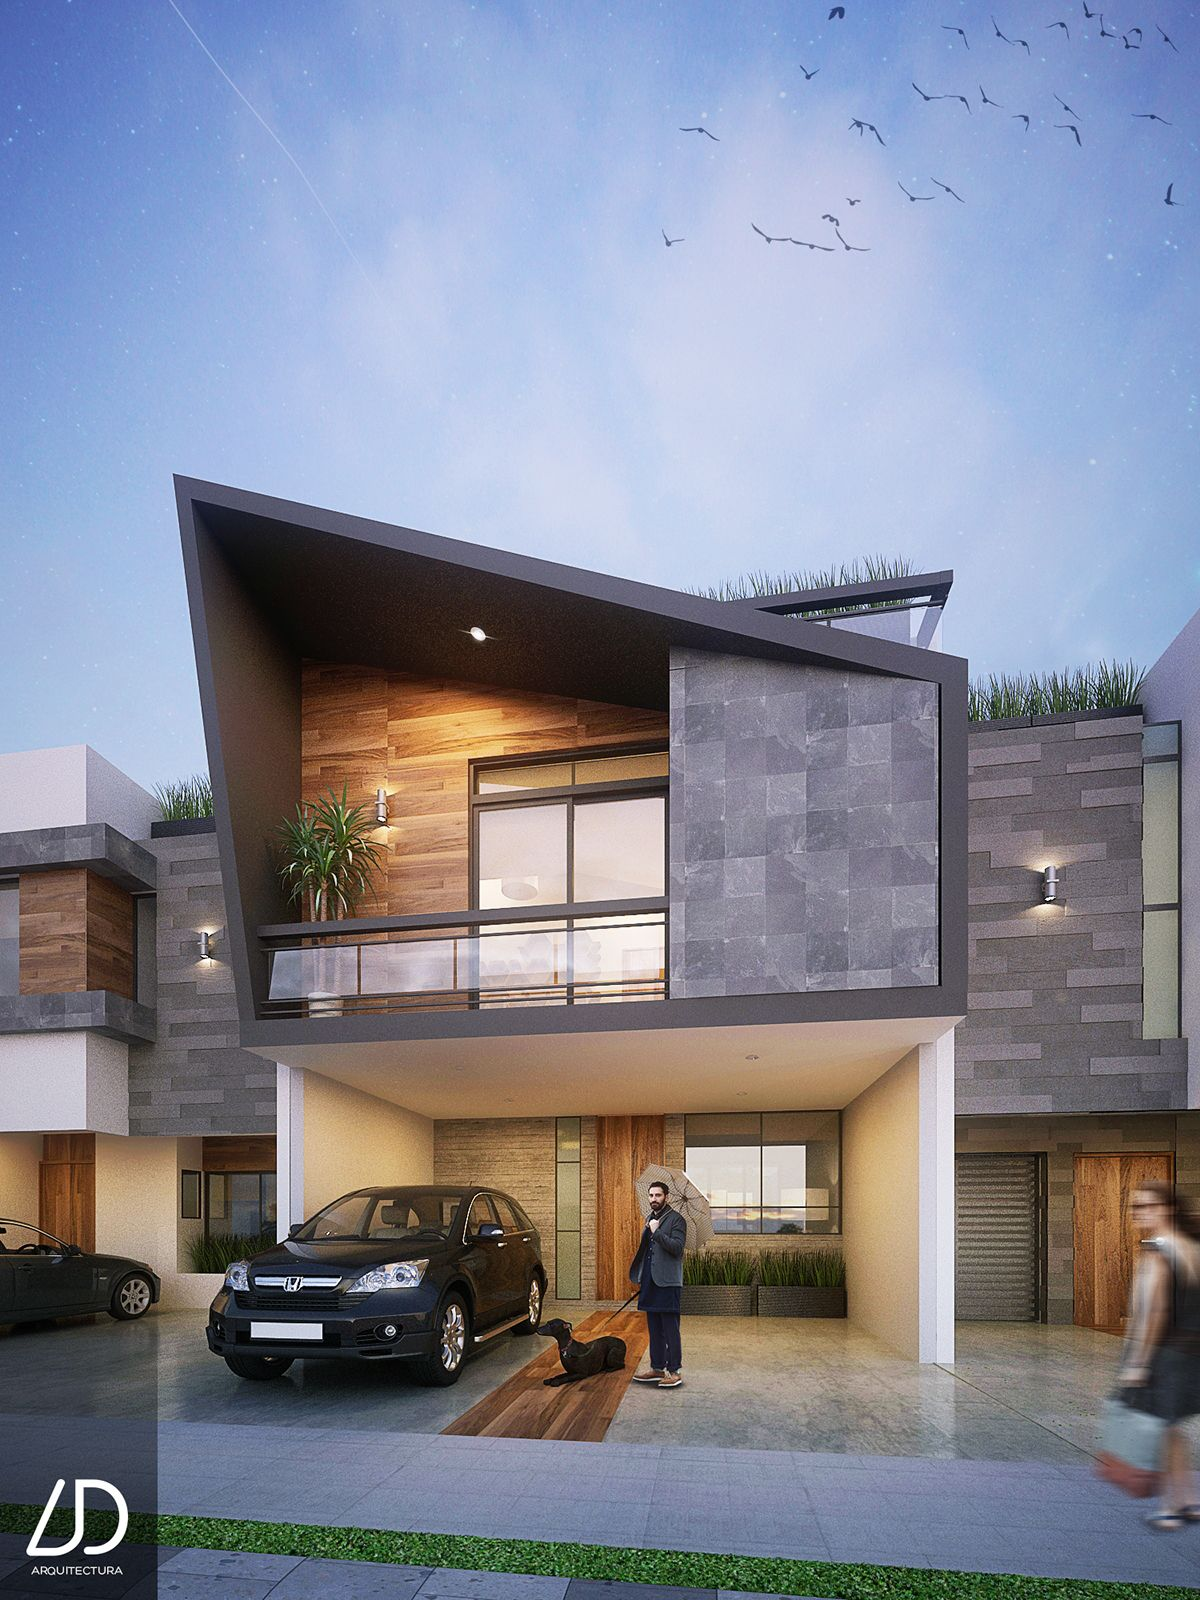 Casa en cementera 7 design pinterest fachadas casas for Mejores fachadas de casas modernas